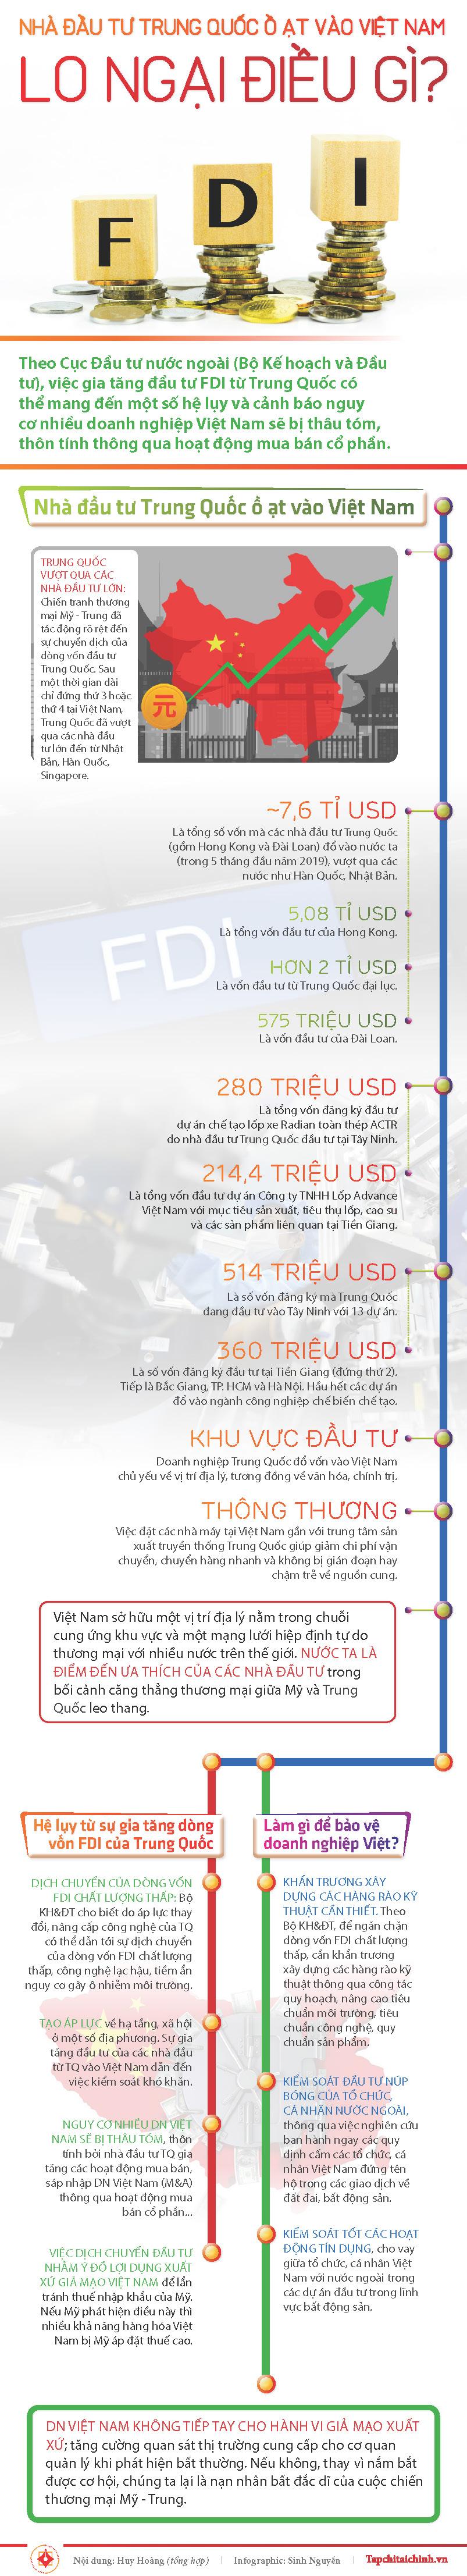 [Infographics] Nhà đầu tư Trung Quốc ồ ạt vào Việt Nam: Lo ngại điều gì? - Ảnh 1